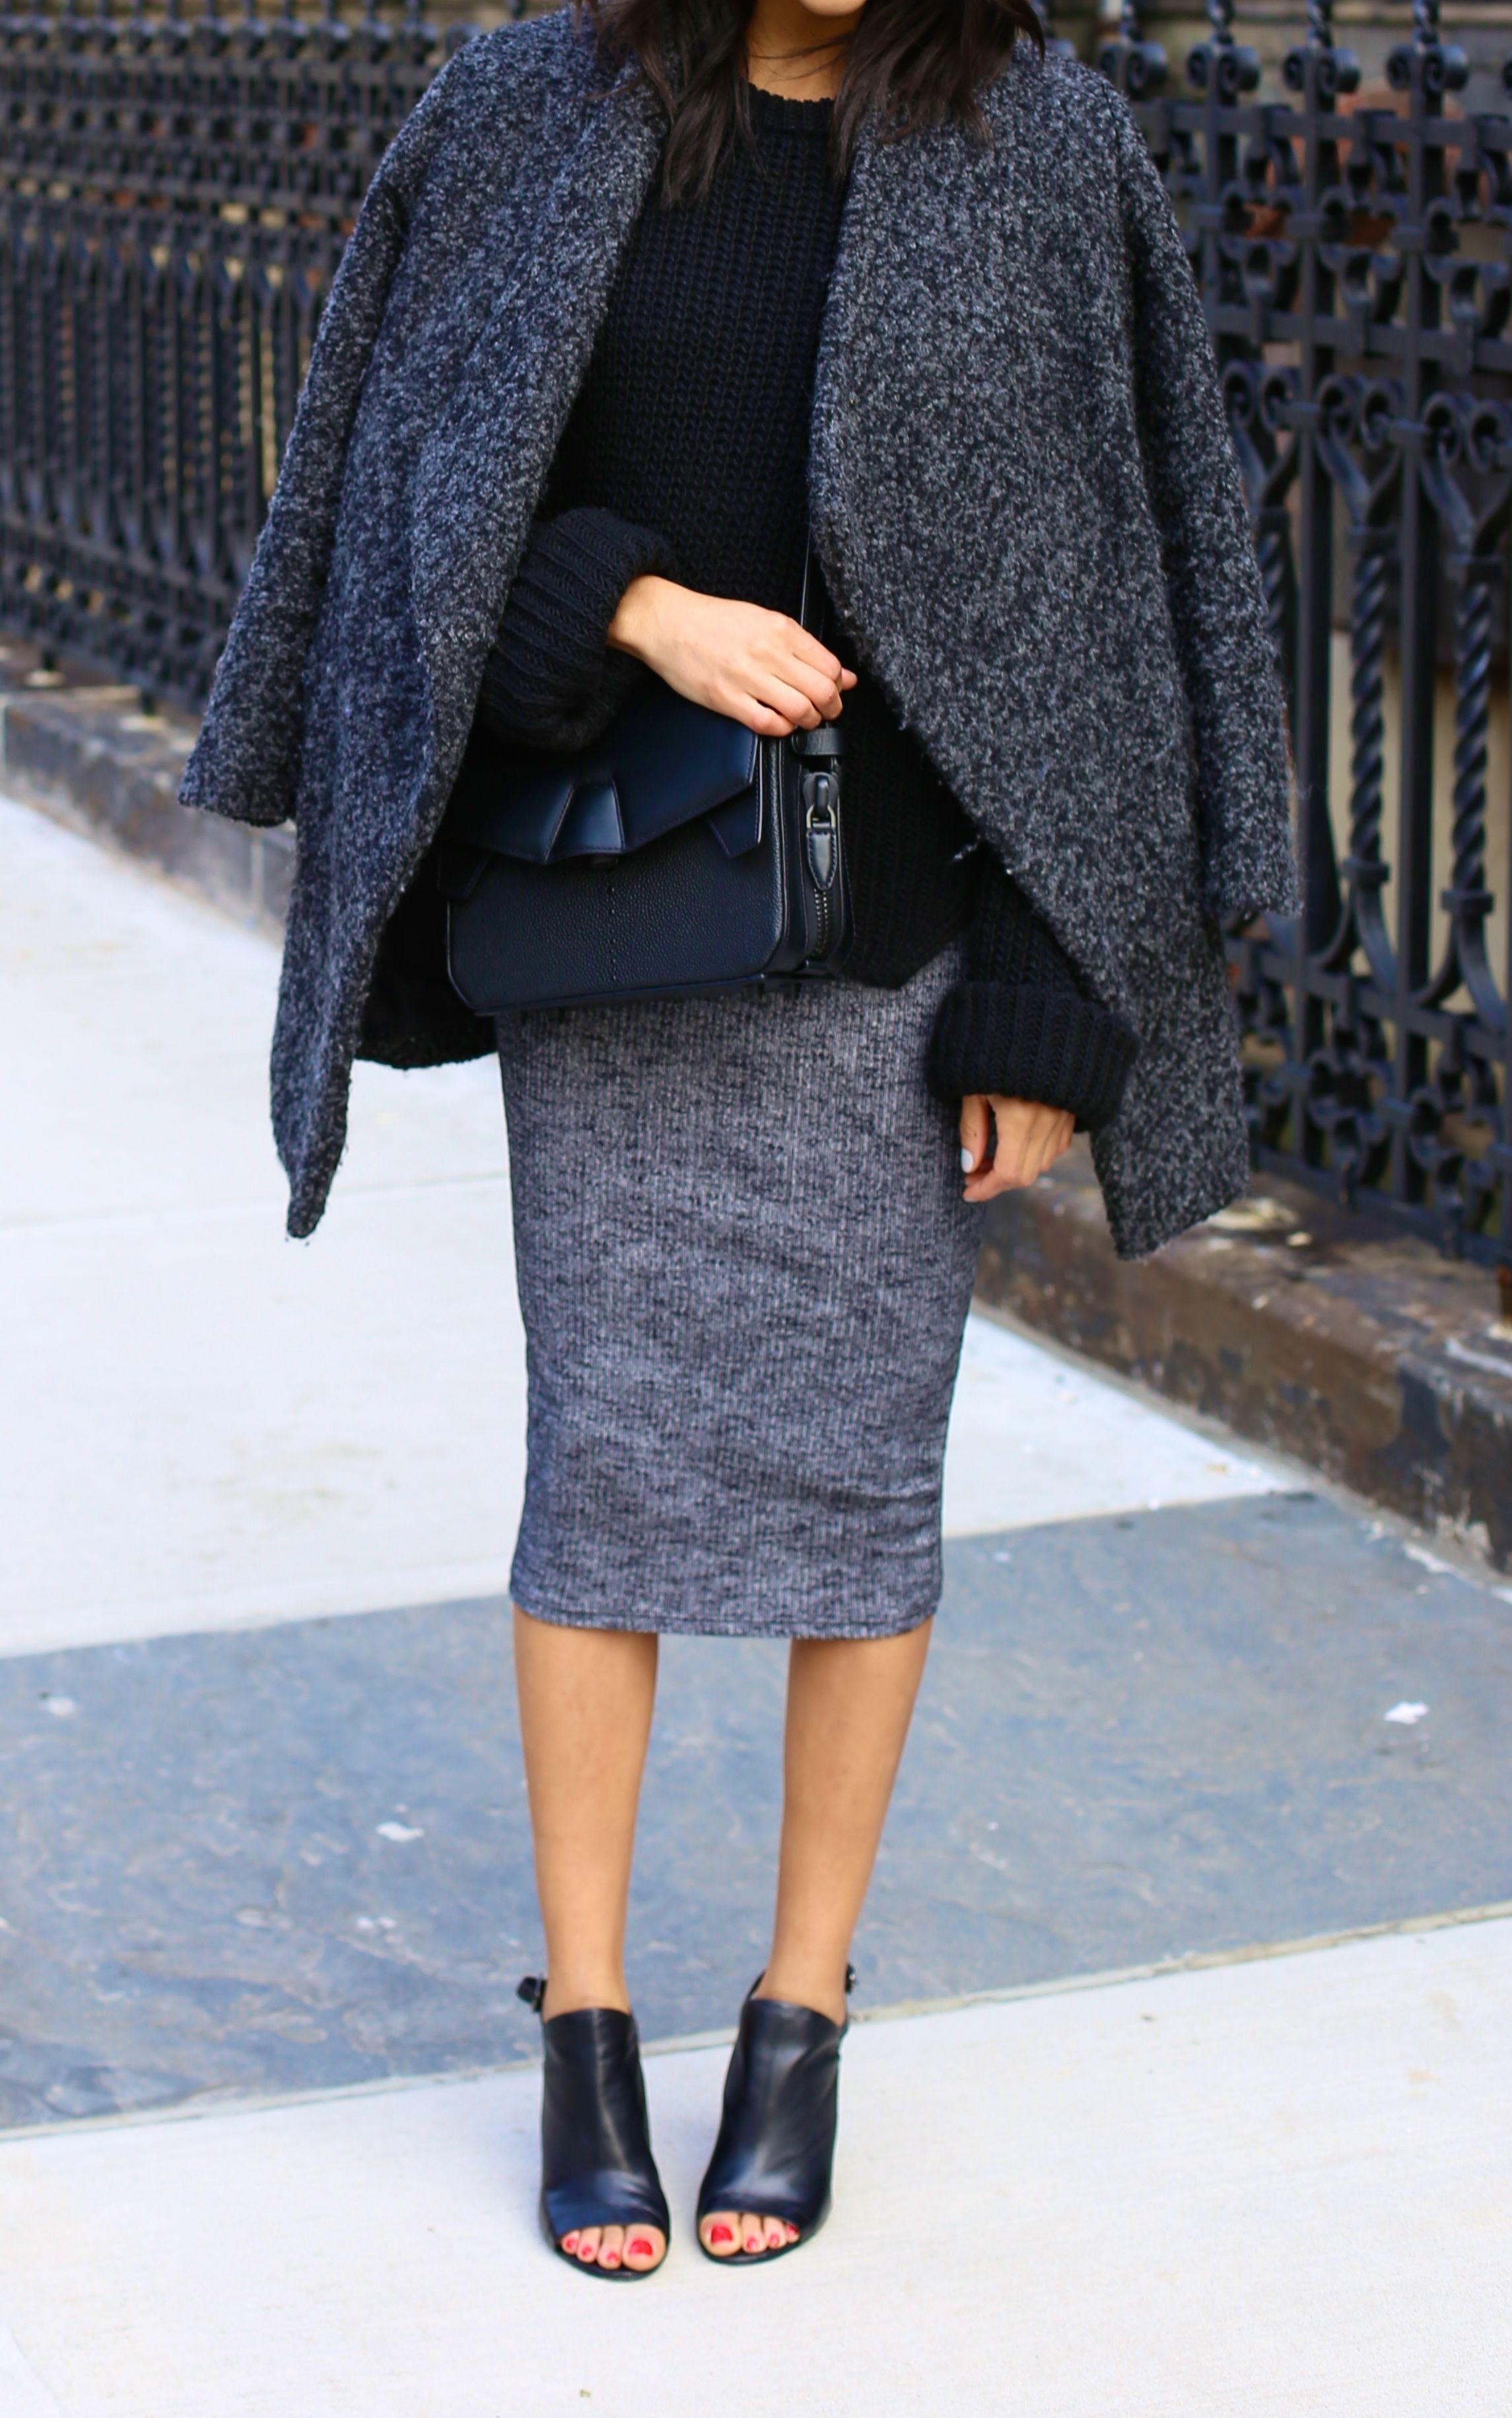 Grey, pencil, coat, black, Open toe boots.